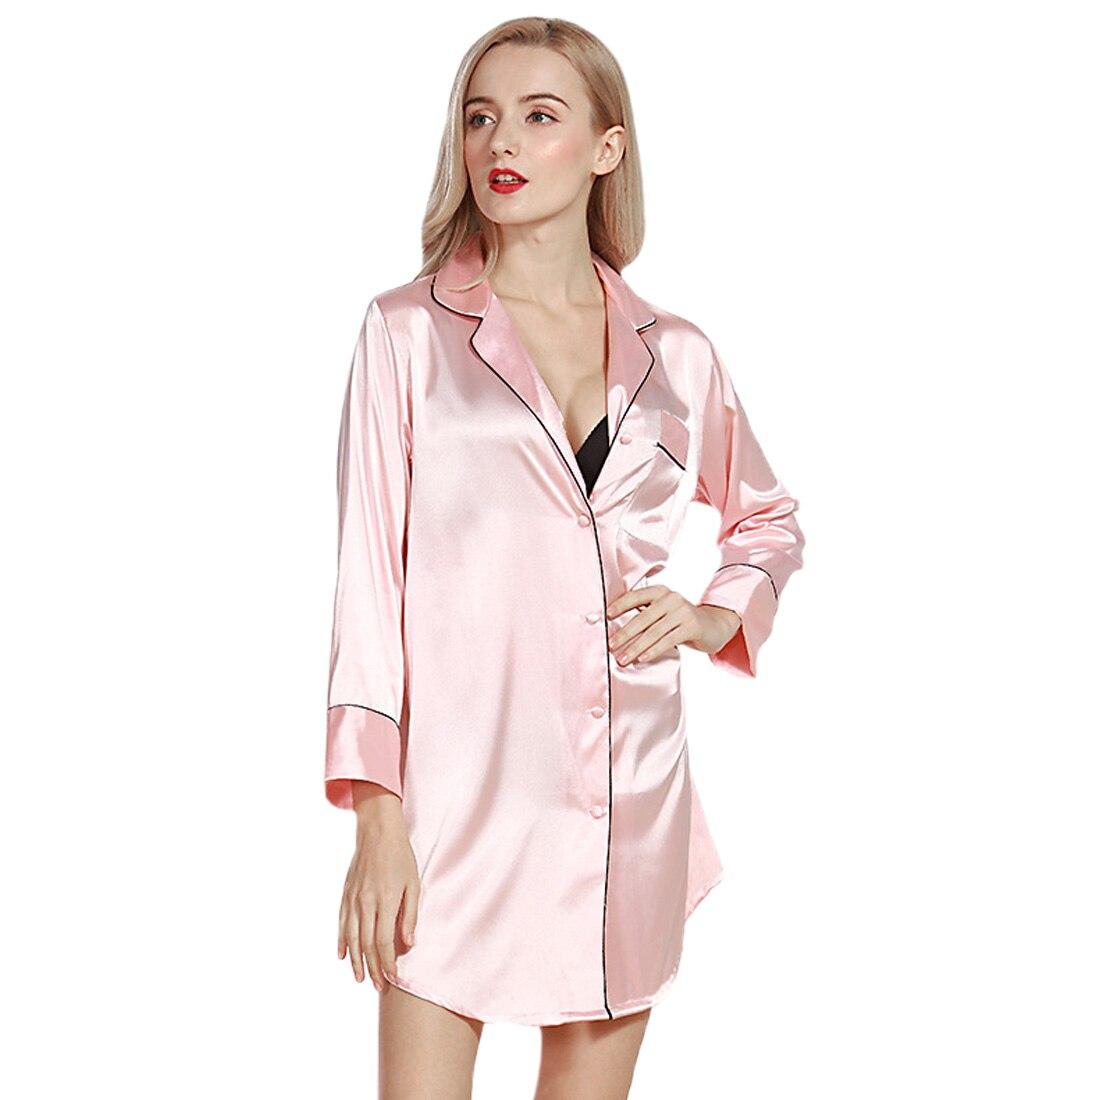 Cearpion Frauen Nachthemd Satin Nachtwäsche Nachthemden Seide Casual Lose Nacht Kleid Sommer Lounge Langarm Kleidung Hause Kleid Damen-nachtwäsche Unterwäsche & Schlafanzug